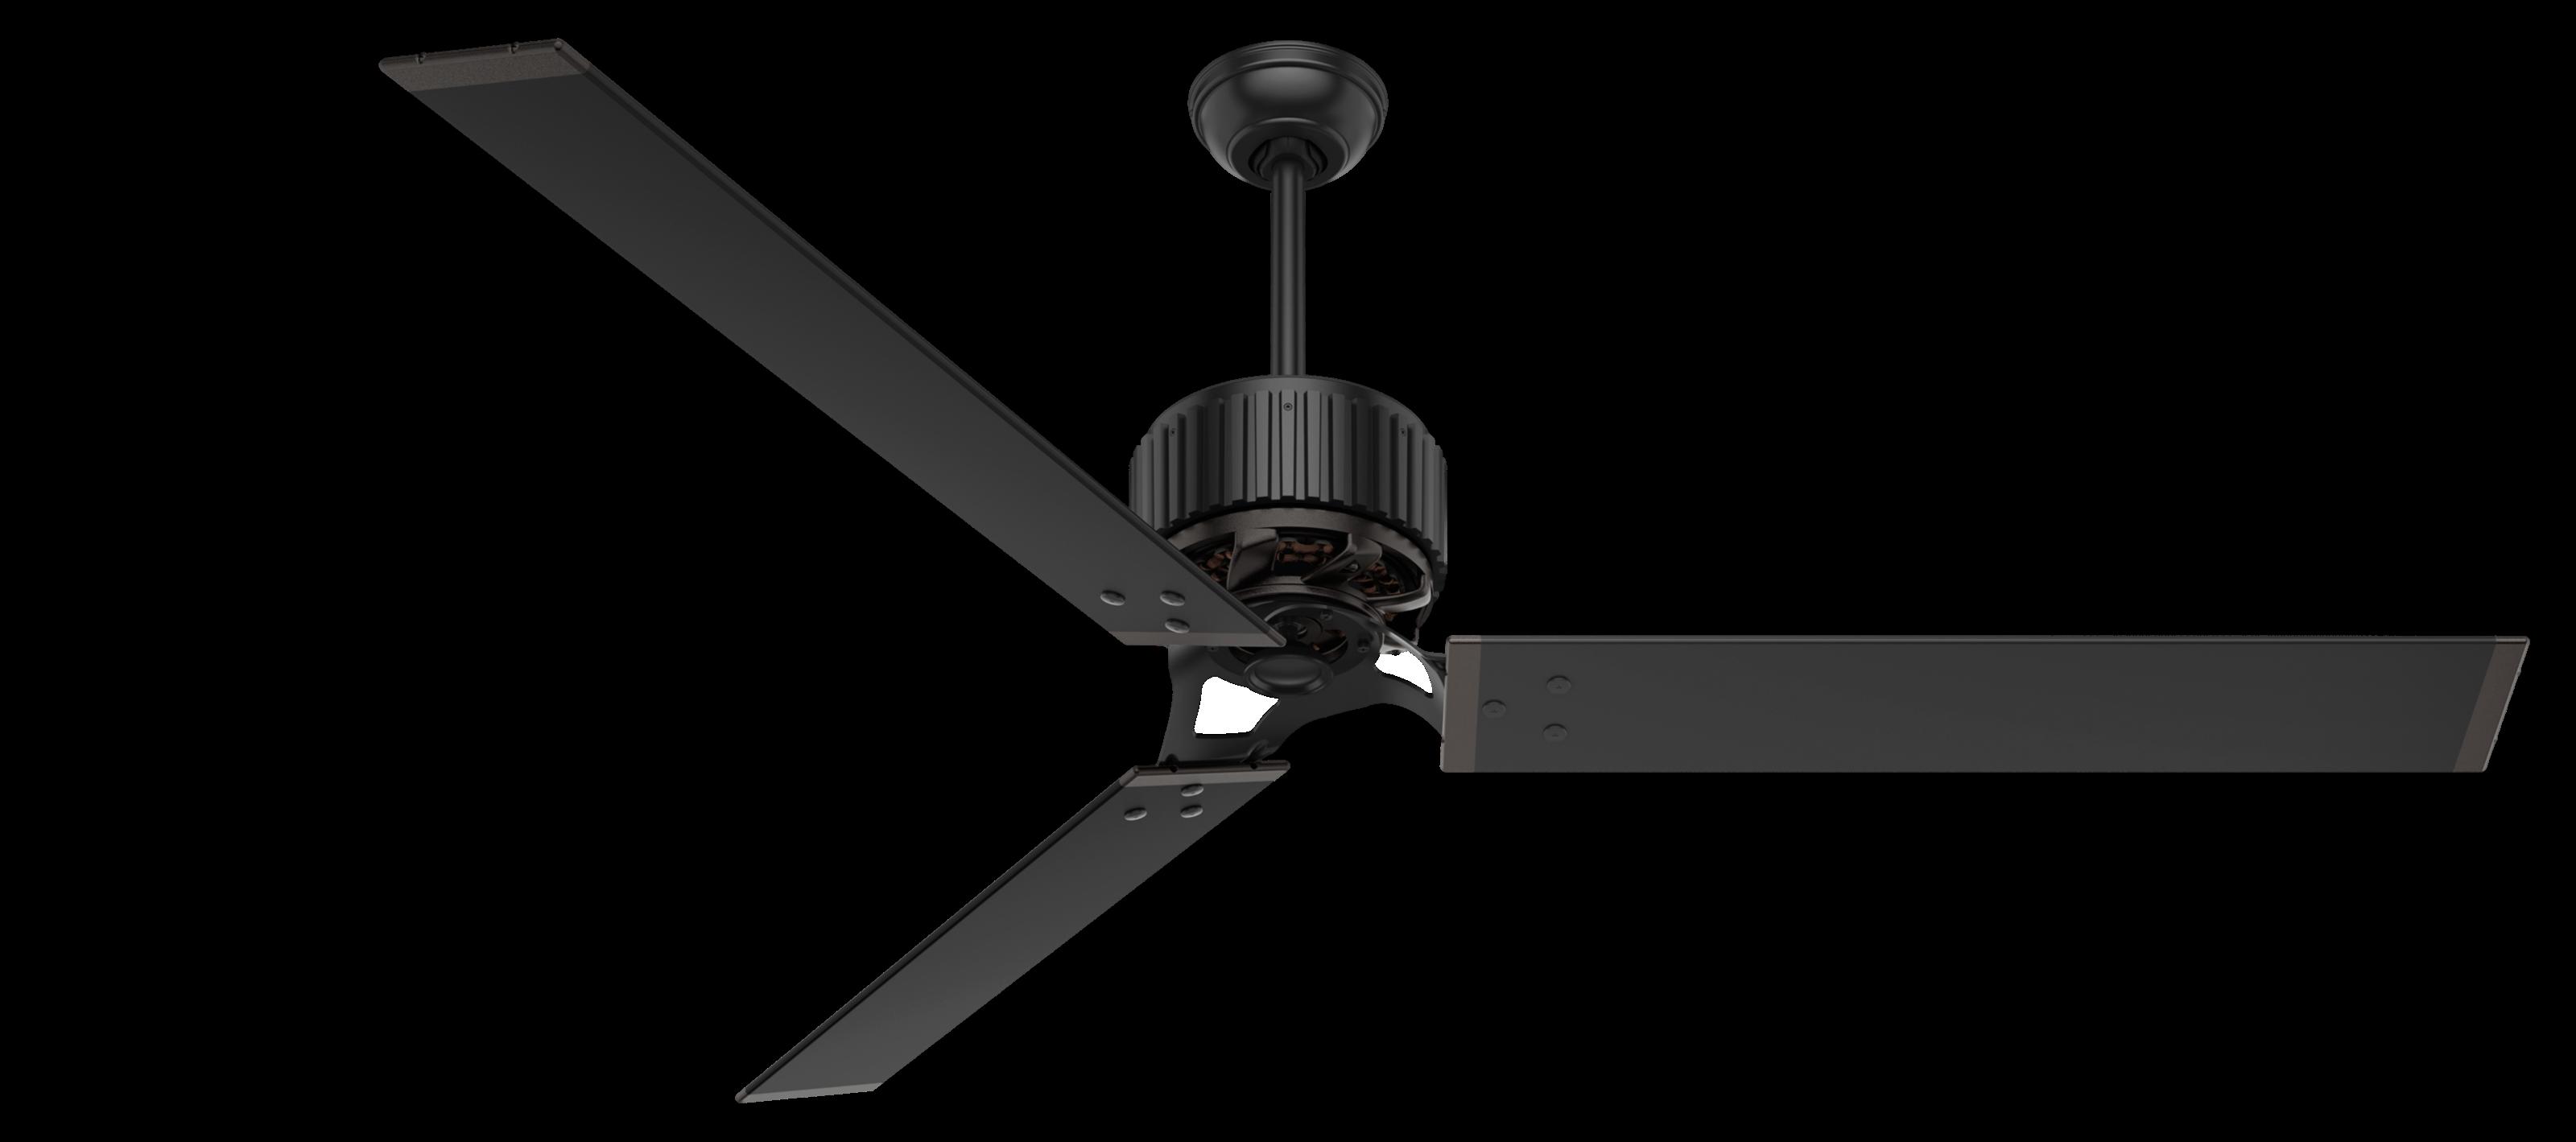 Hunter Fans Hfc 72 72 Quot Indoor Outdoor Ceiling Fan In Matte